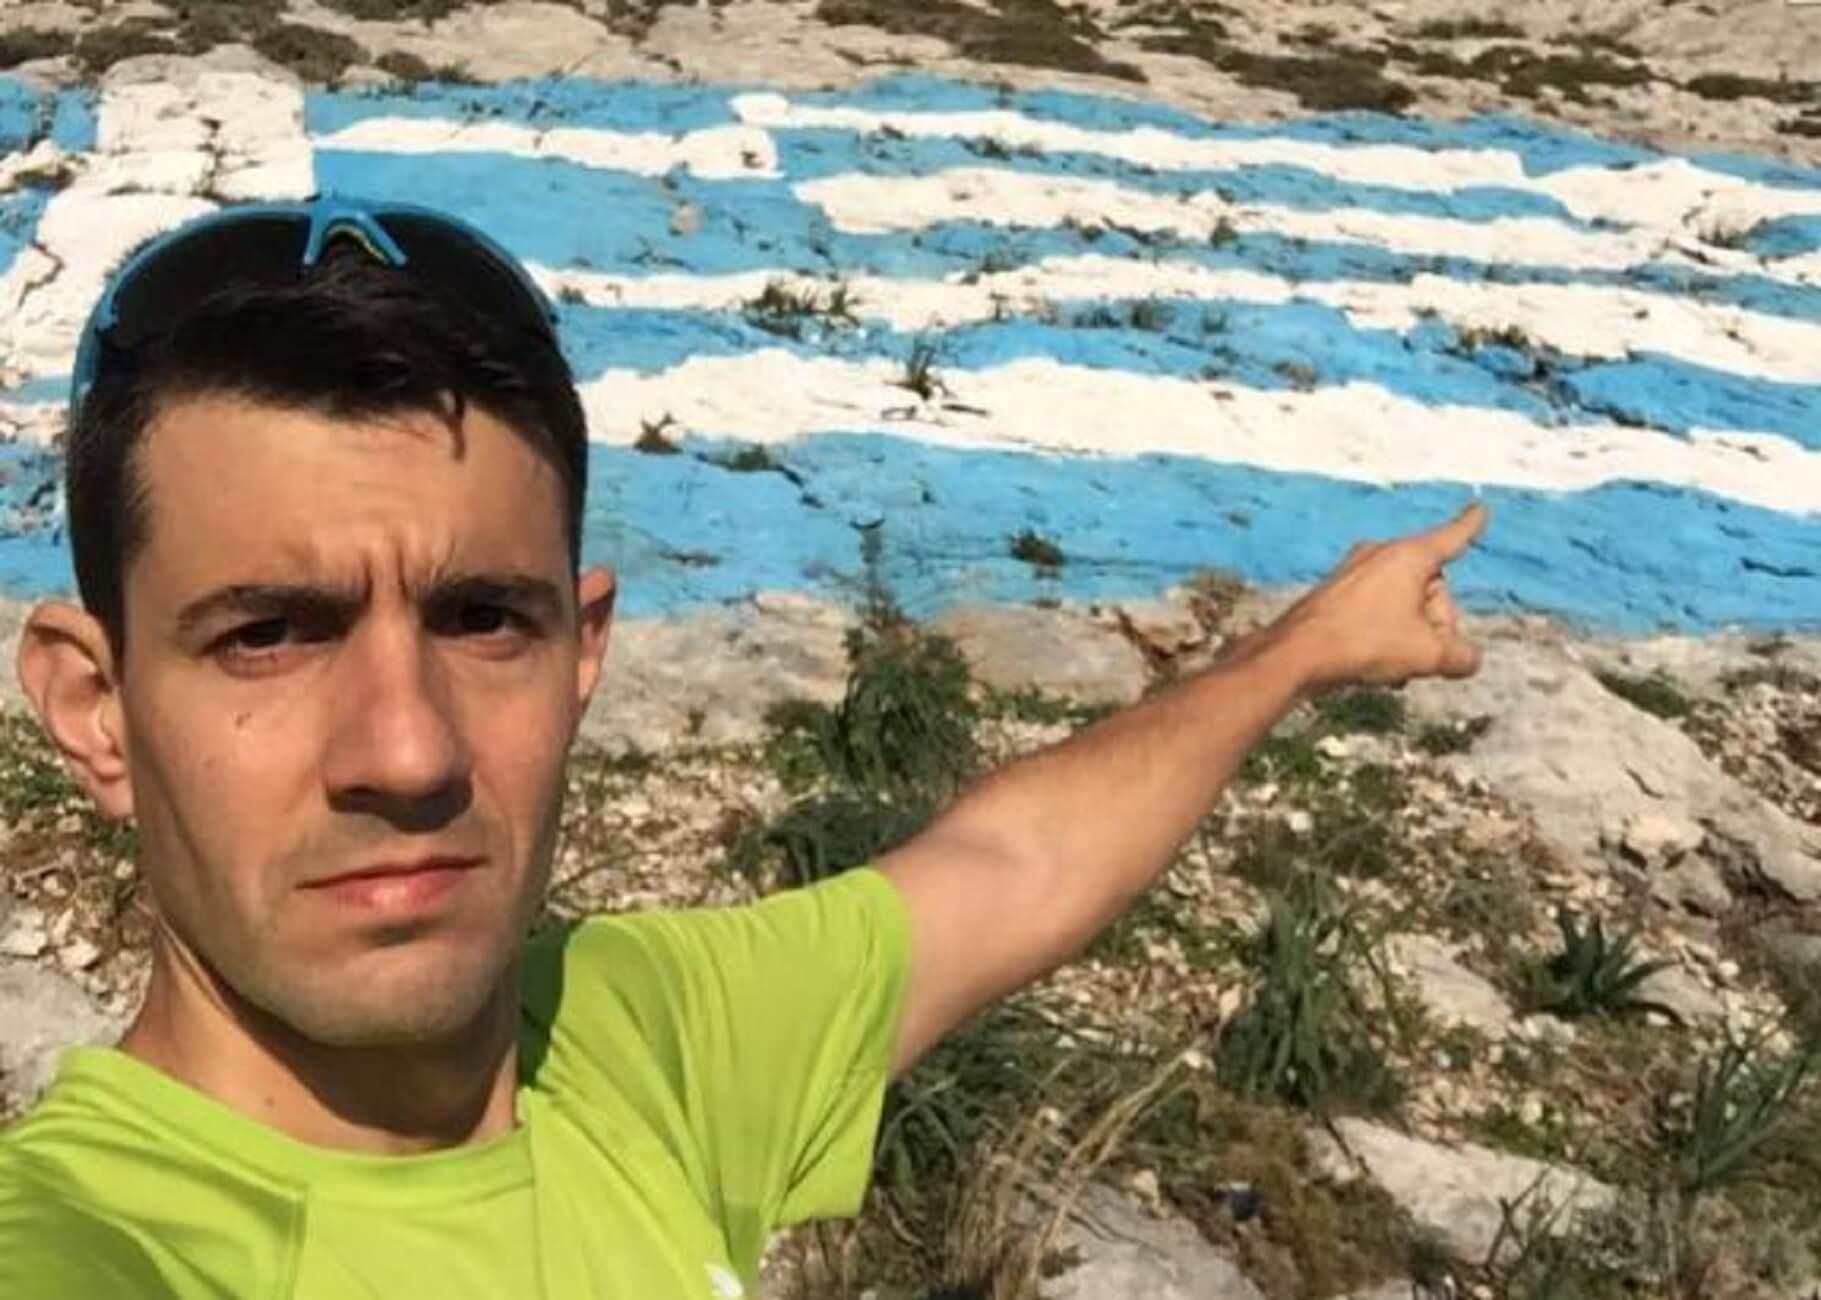 Ηλίας Καλαϊτζής: «Υποχώρησε το χιόνι που πατούσε και έφυγε στο κενό» – Συγκλονιστική μαρτυρία για την τραγωδία στην Τύμφη